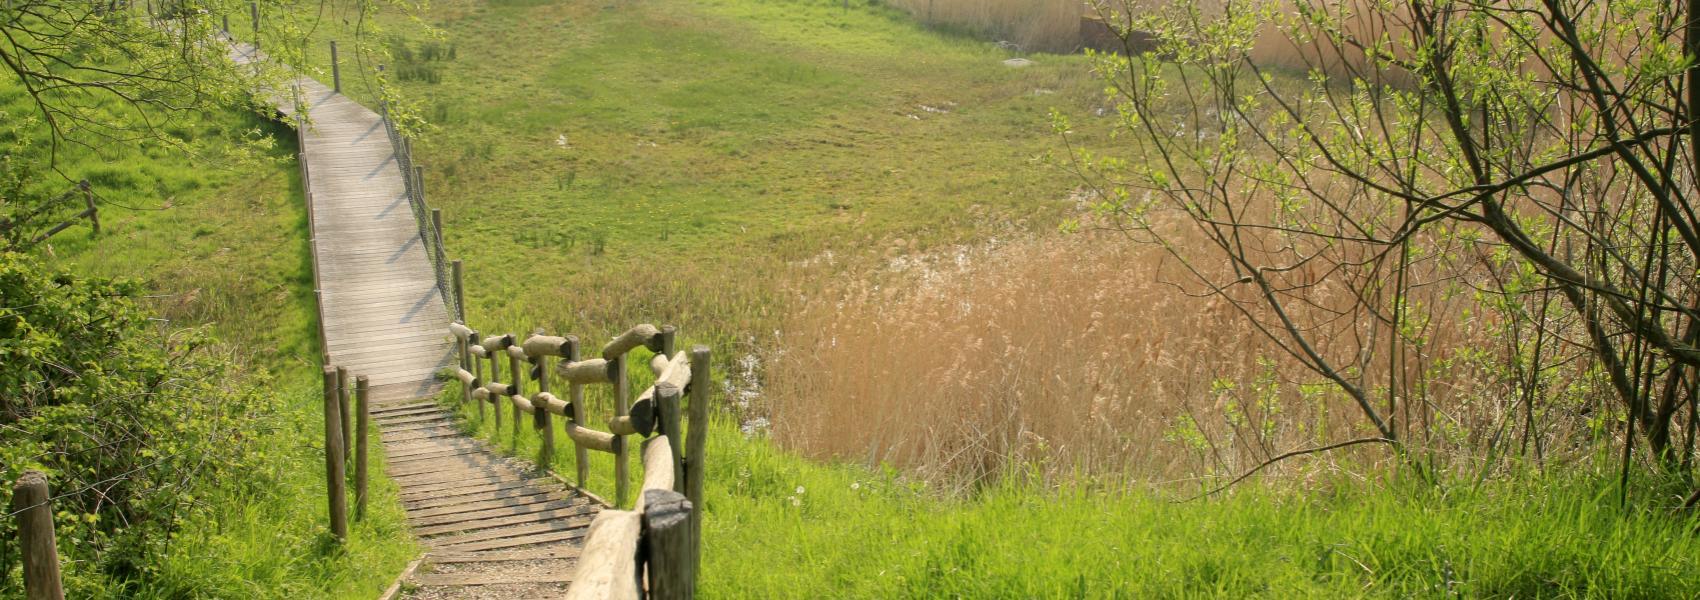 knuppelpad in het landschap